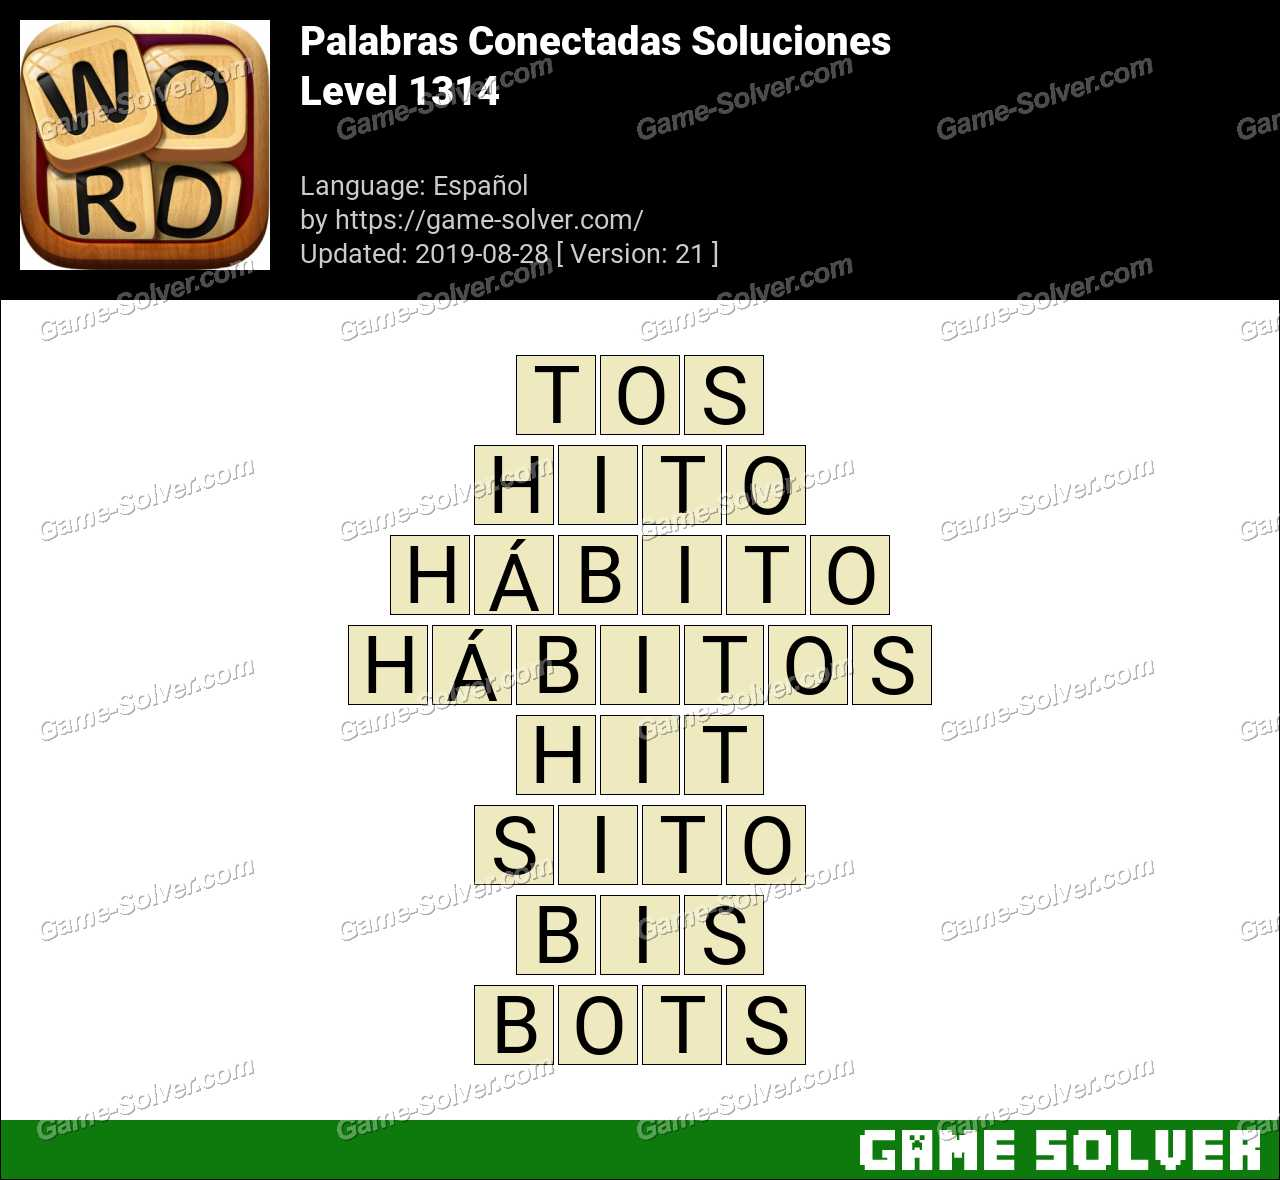 Palabras Conectadas Nivel 1314 Soluciones